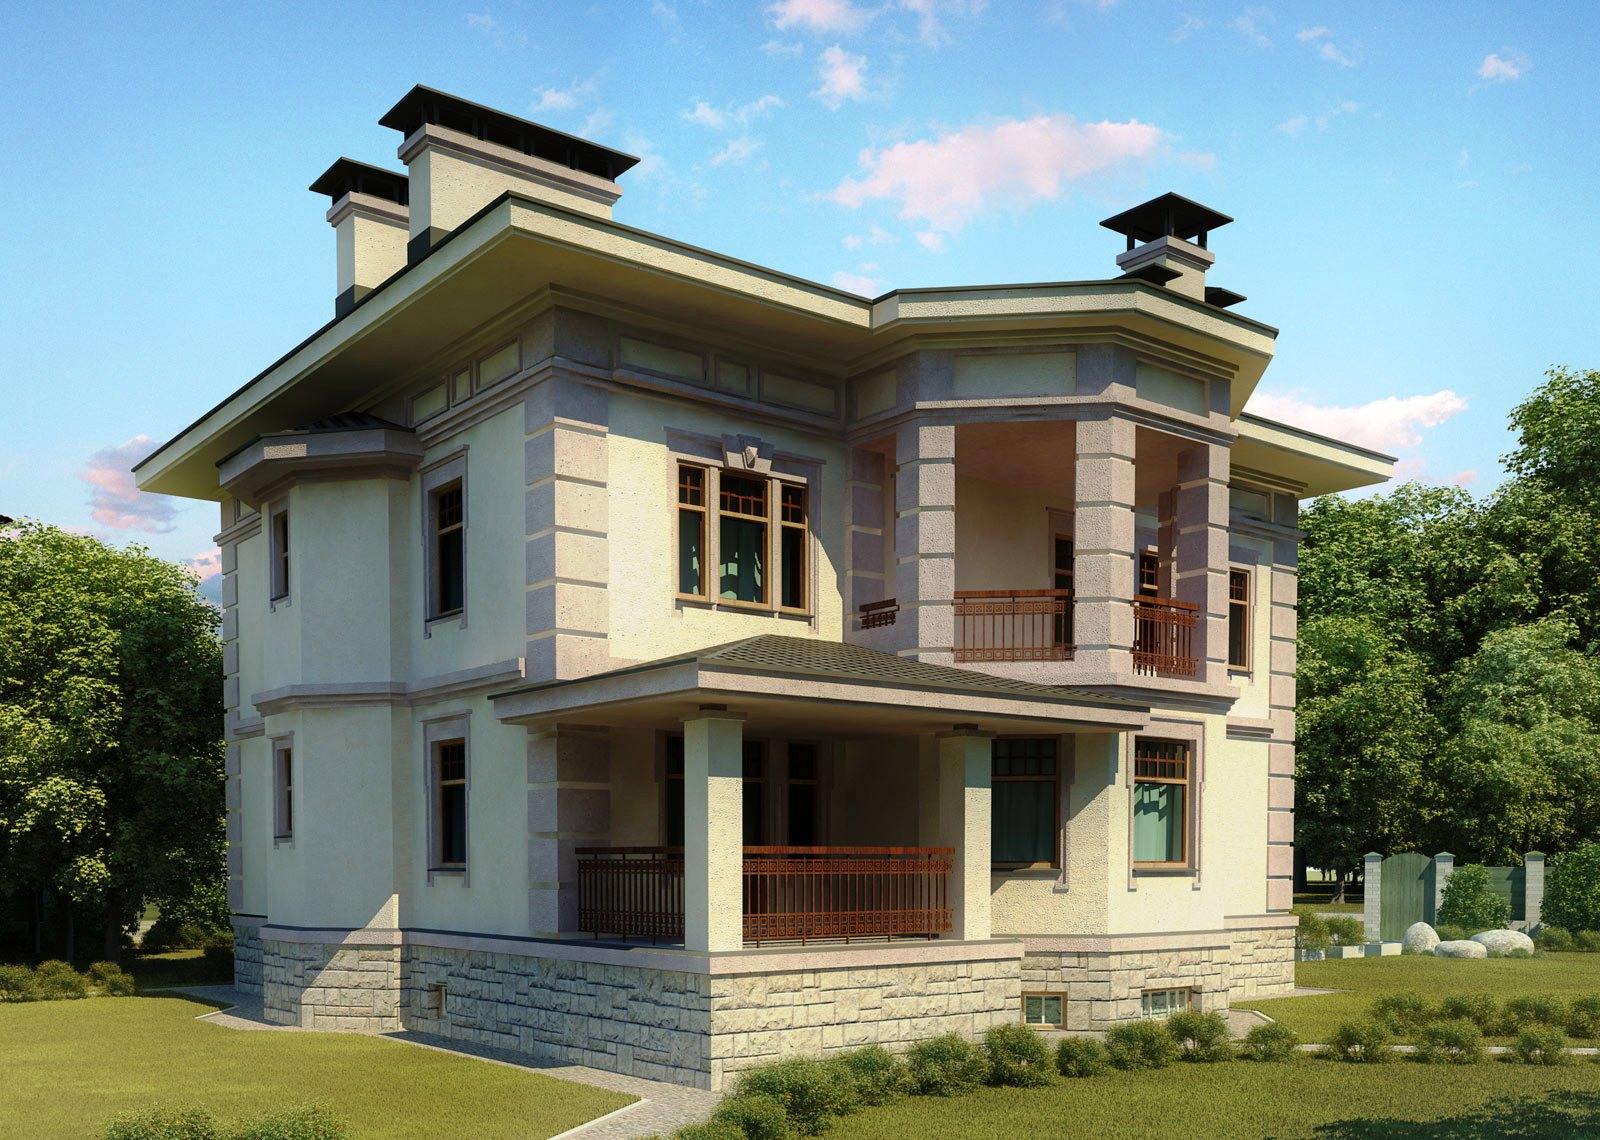 3D Front Elevation.com: Europe 3D Design House Front Elevation